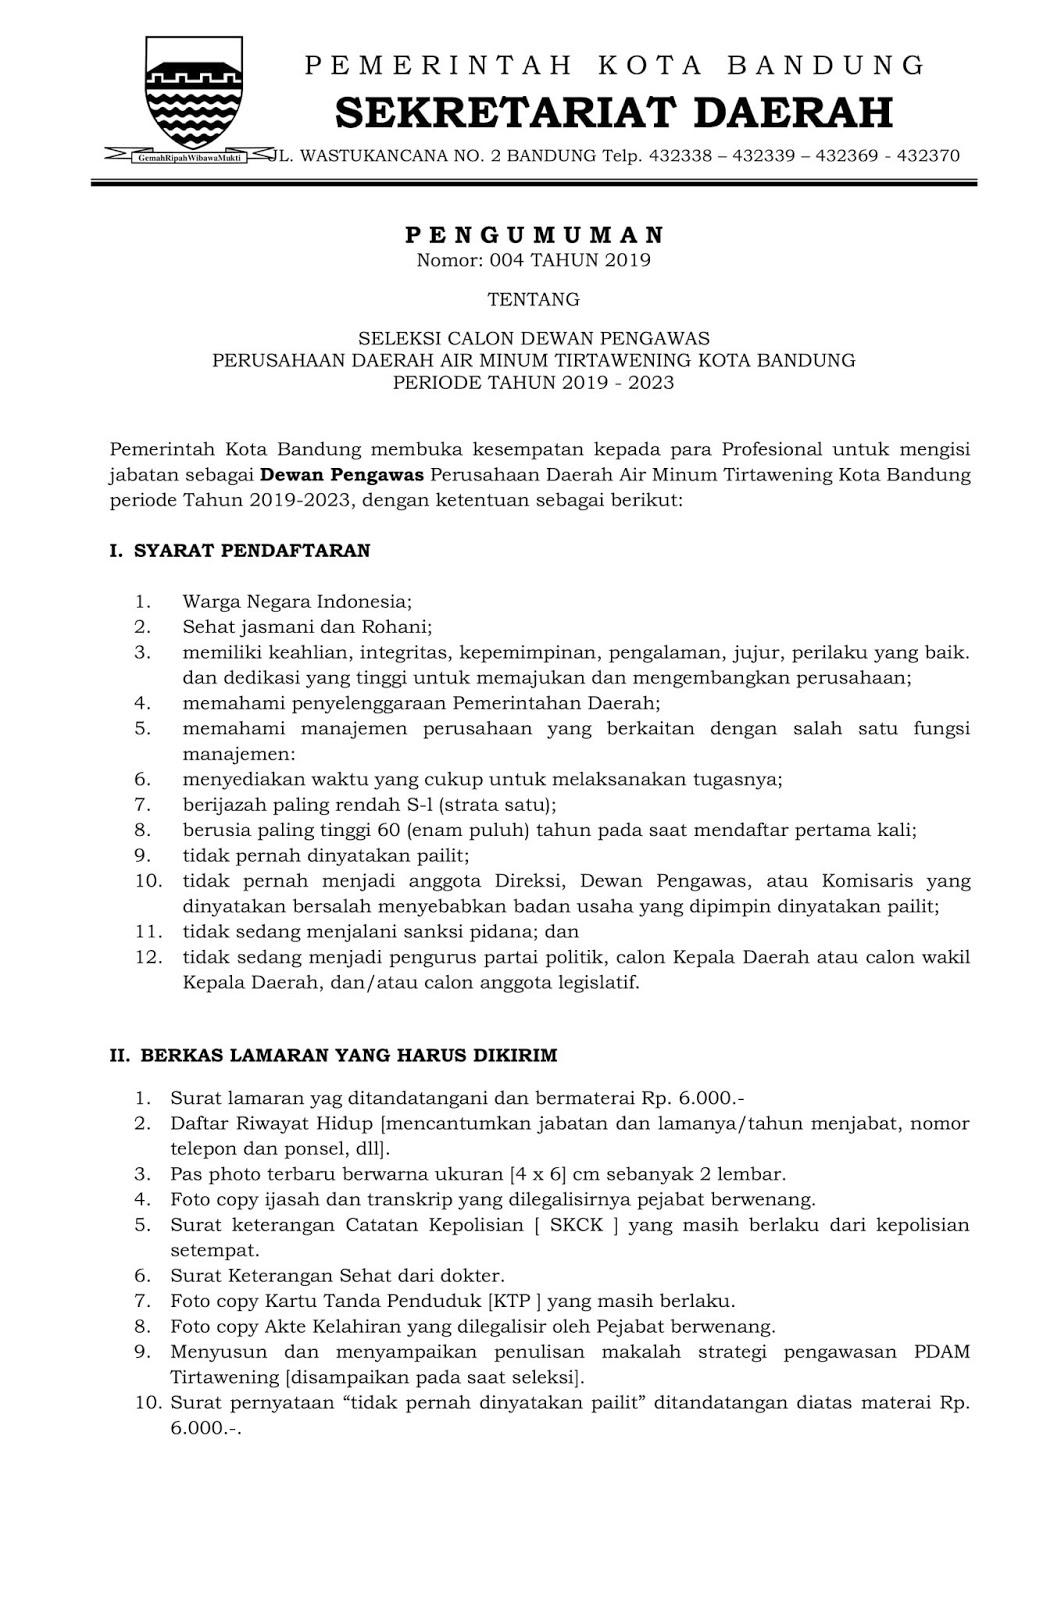 Lowongan Kerja PDAM Tirtawening Pemerintah Kota Bandung